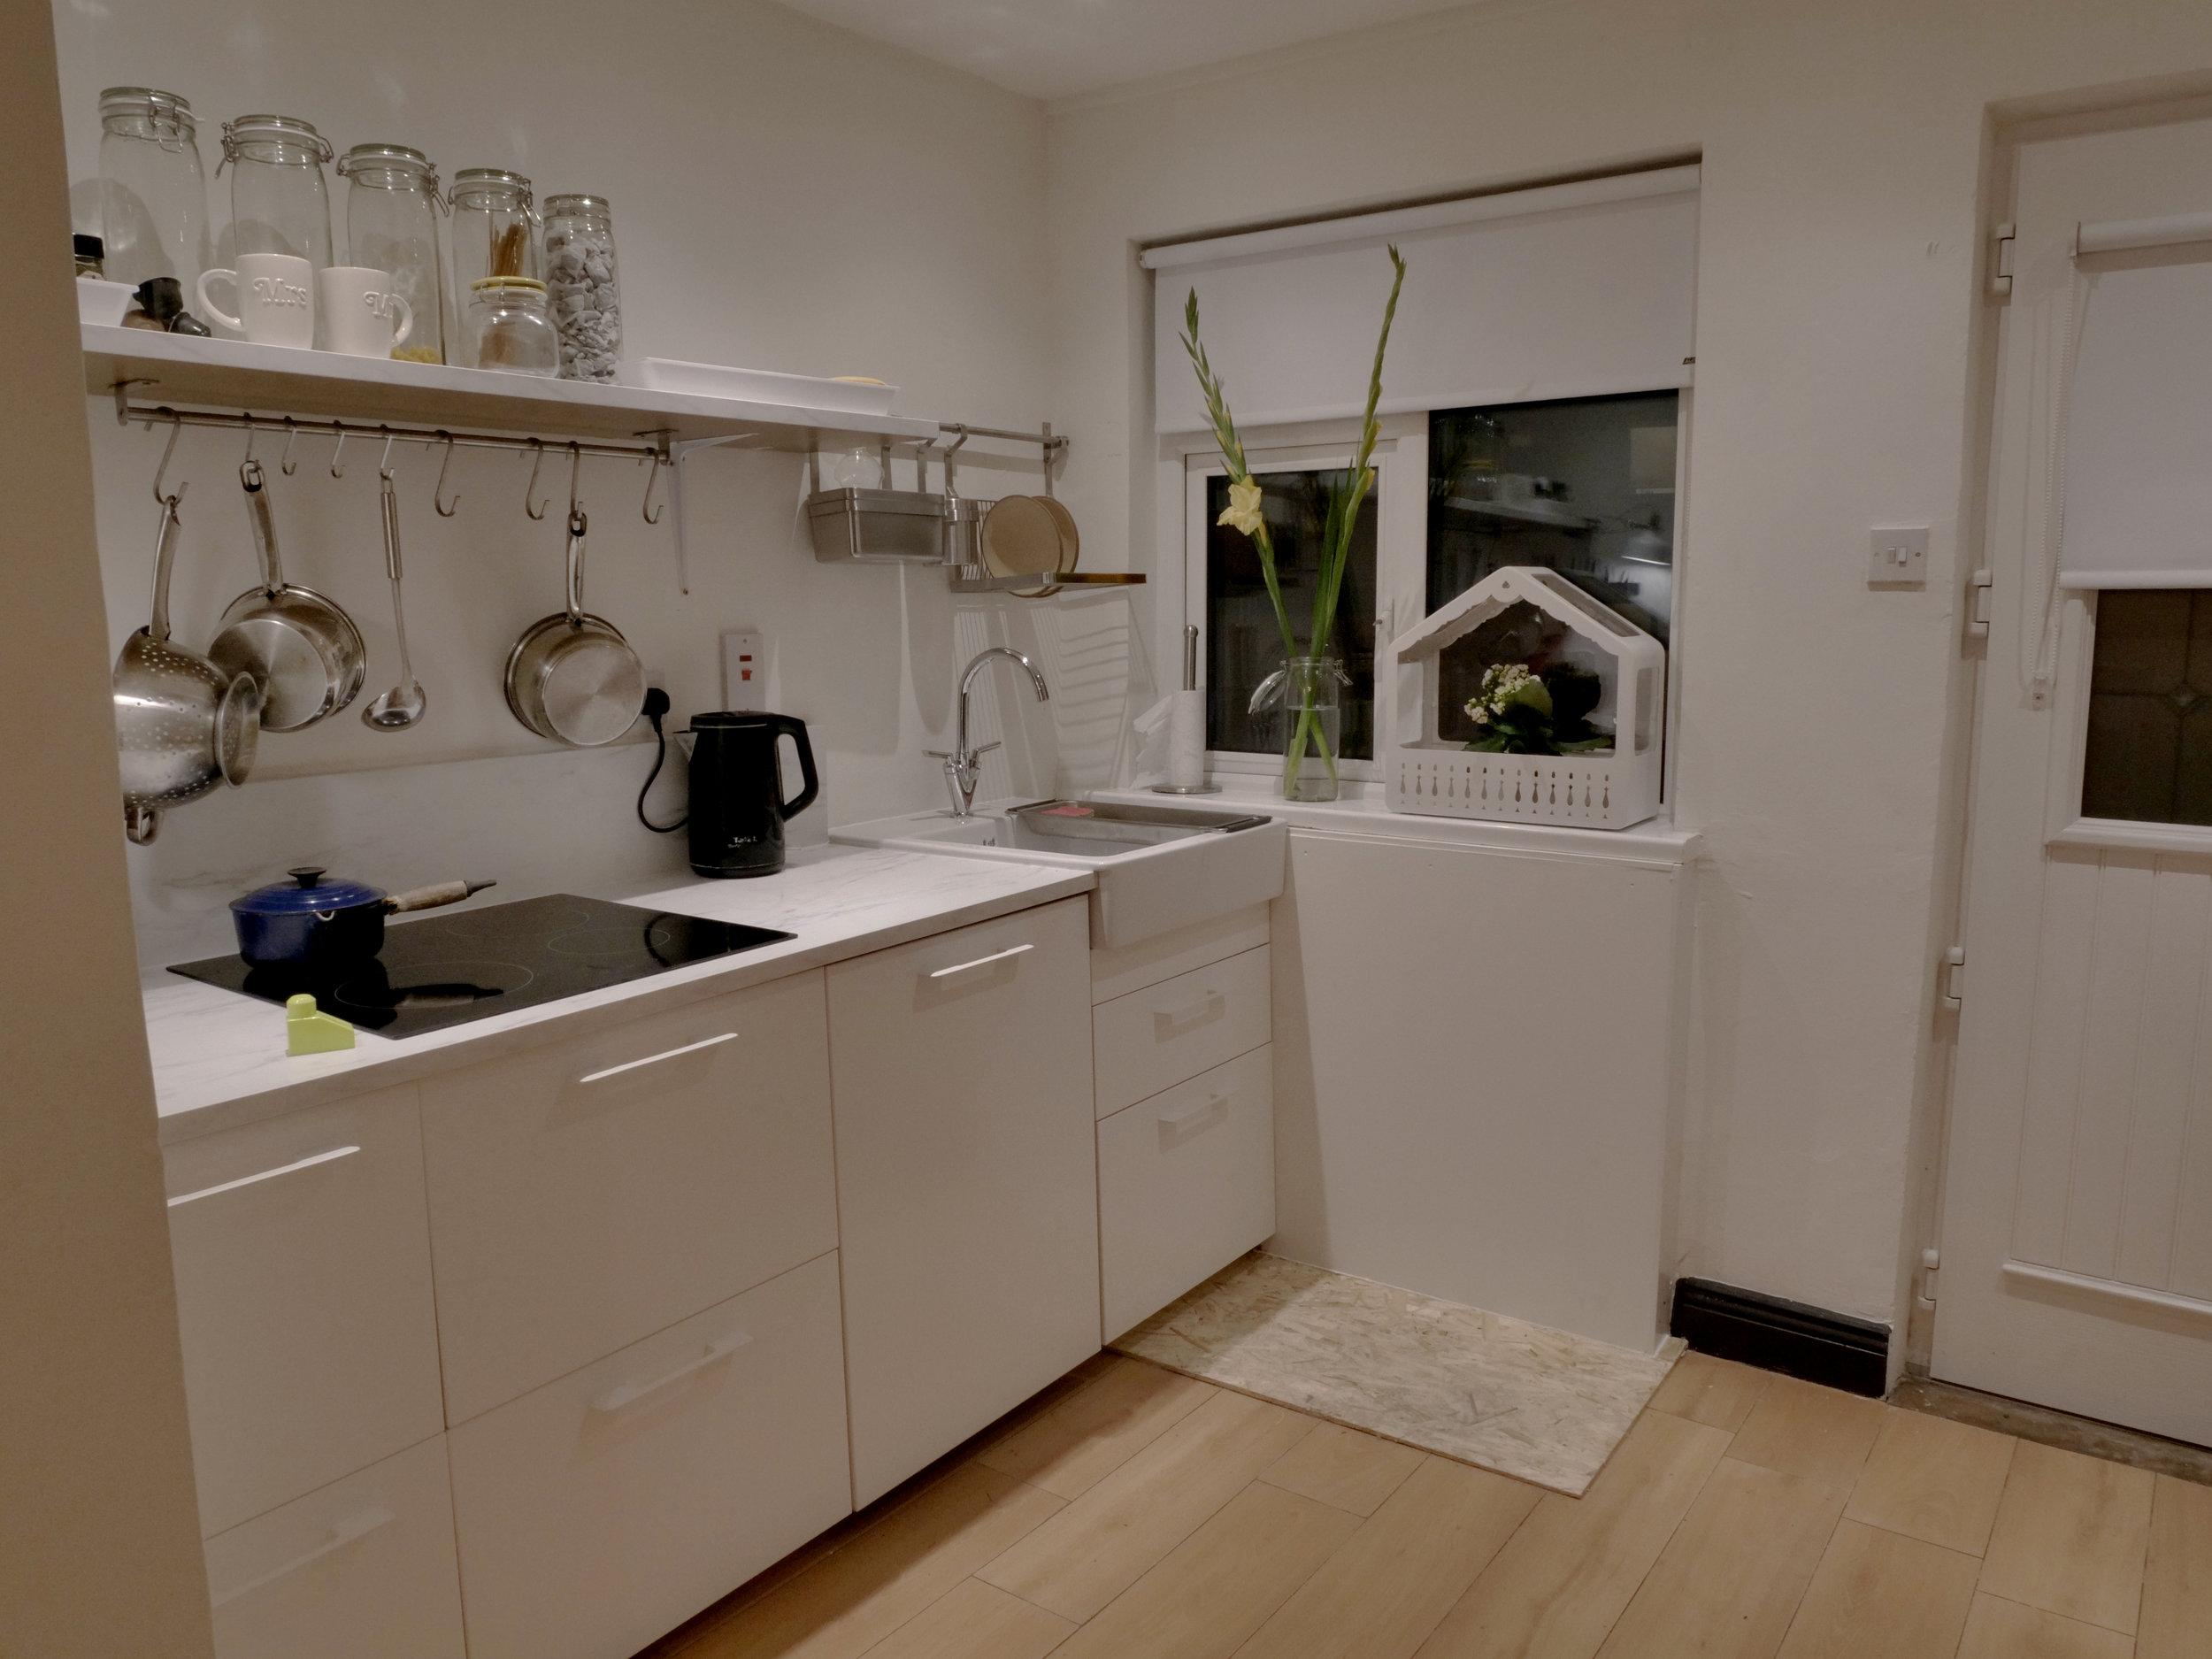 Leixlip - Kitchen - After 7.jpg